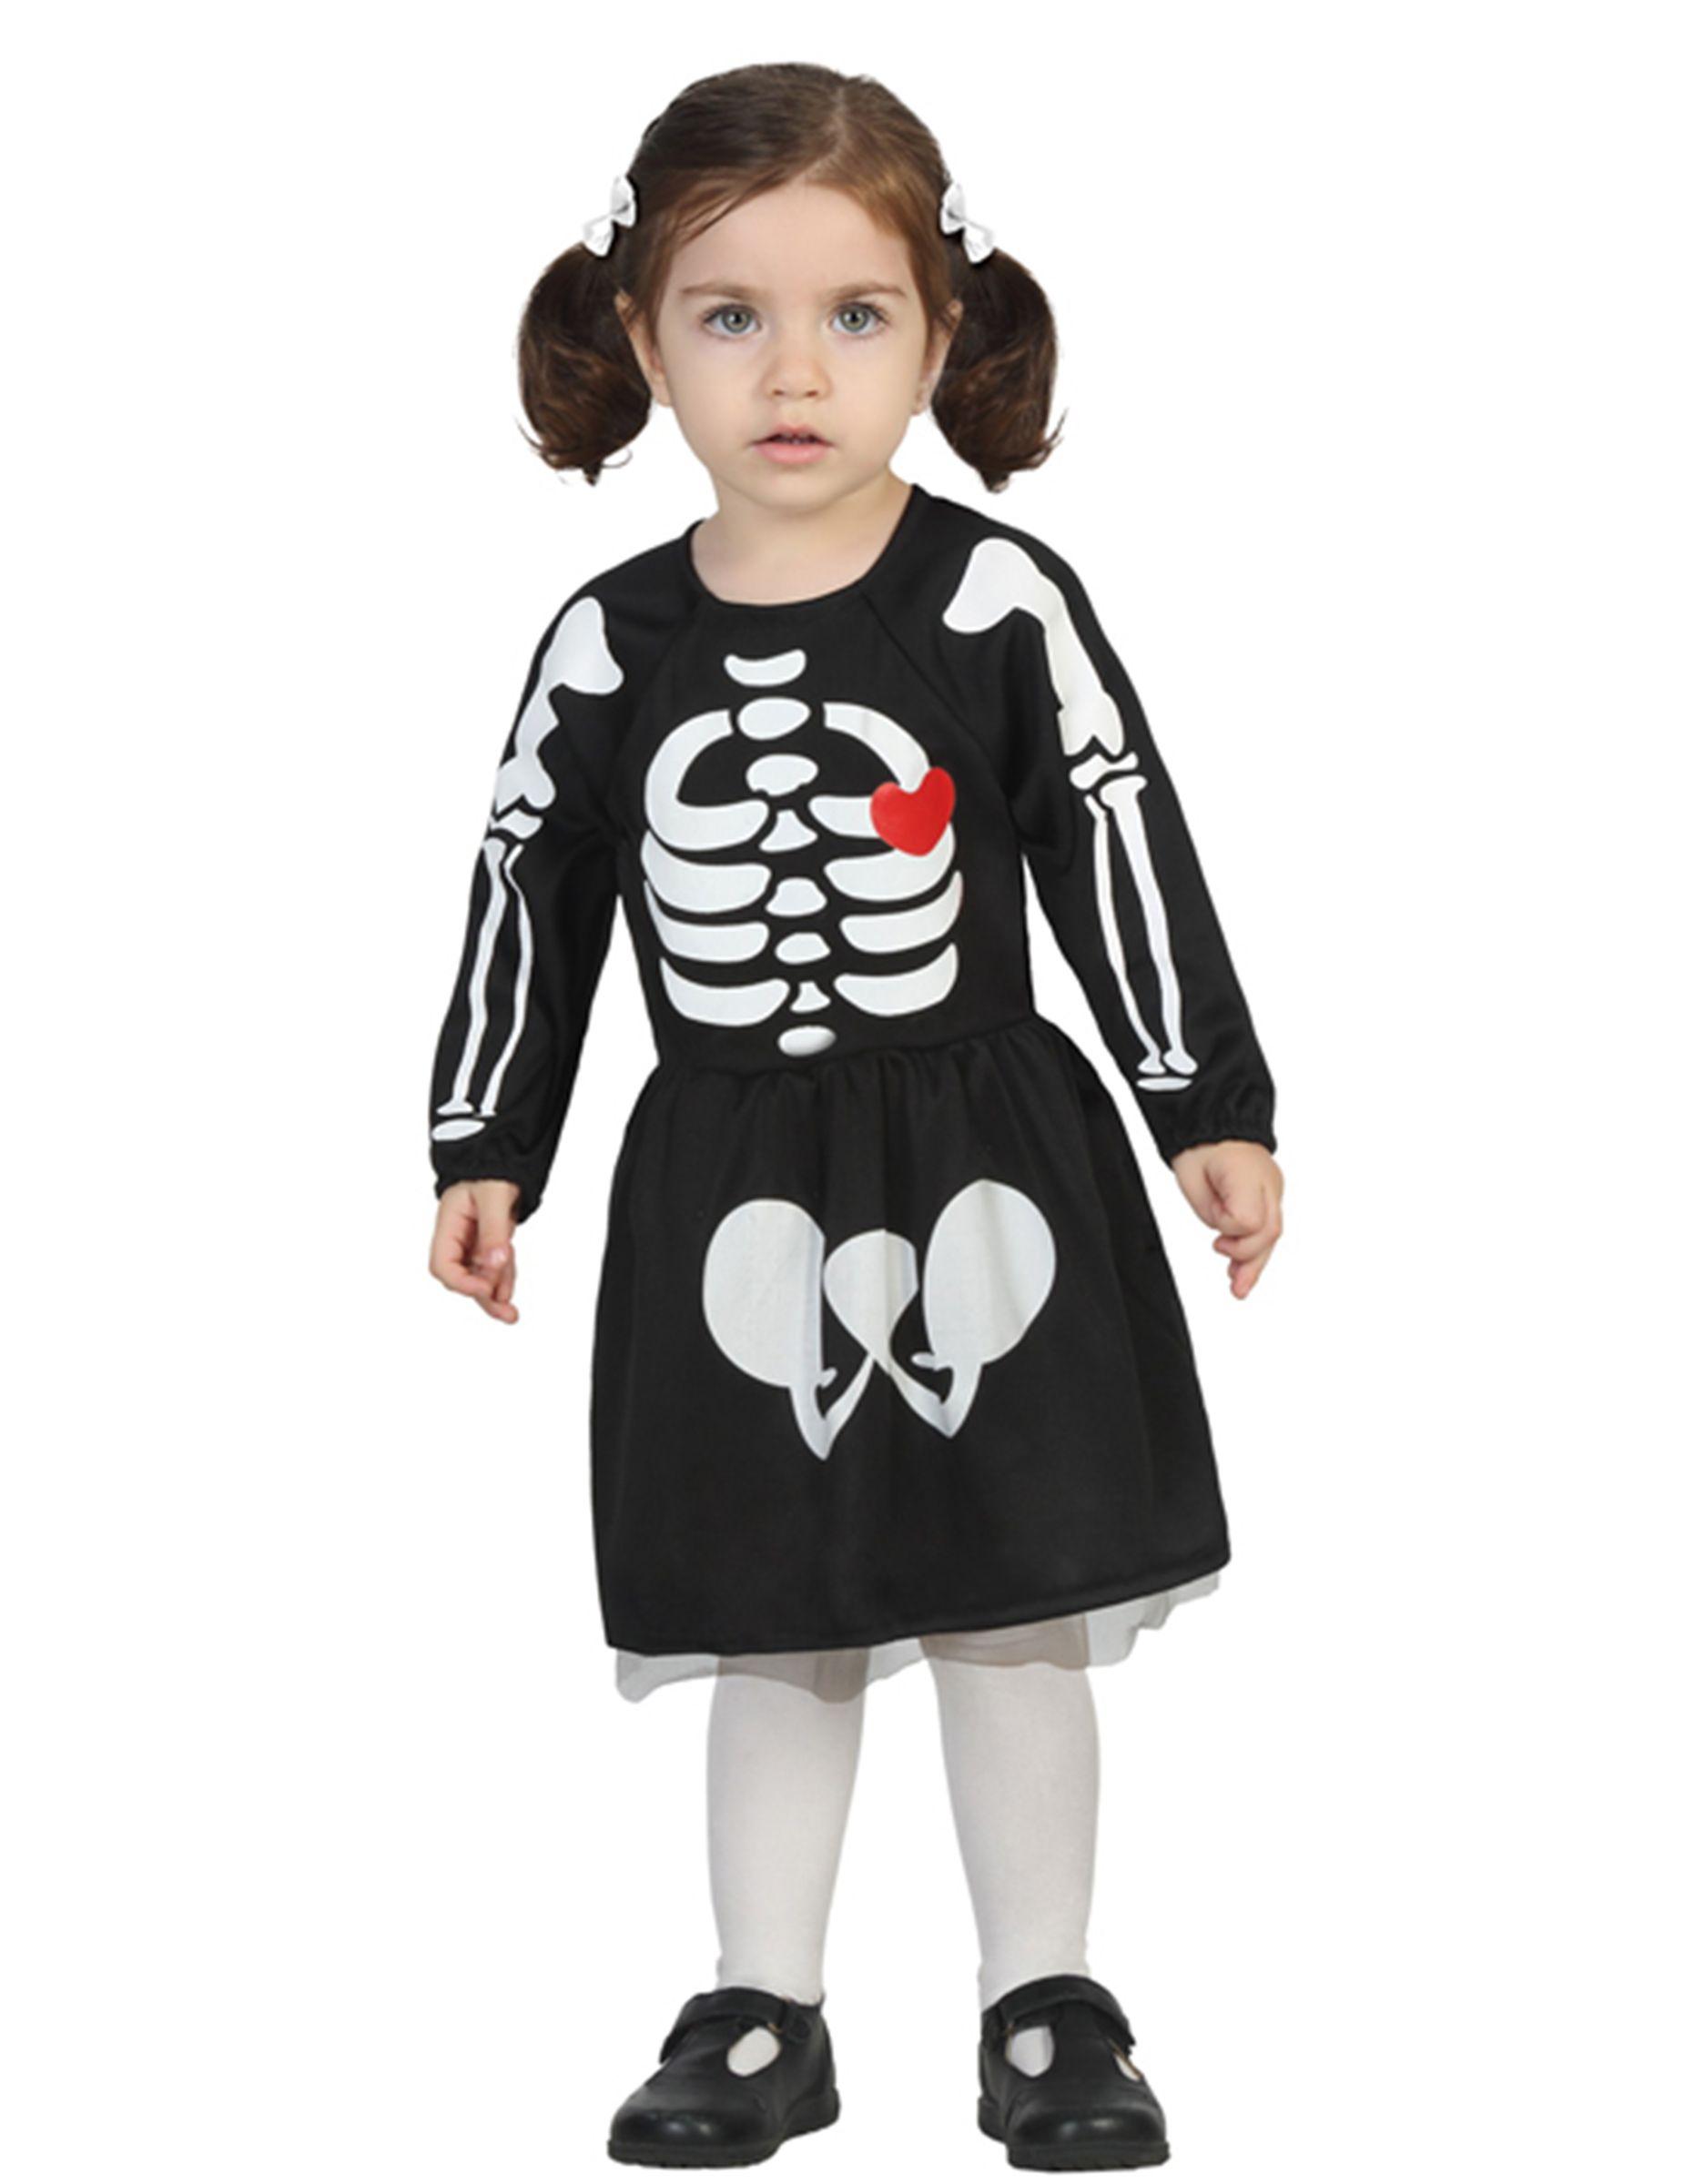 d0d7e1bd3 Disfraz de esqueleto bebé niña Halloween en 2019 | Disfraces con ...